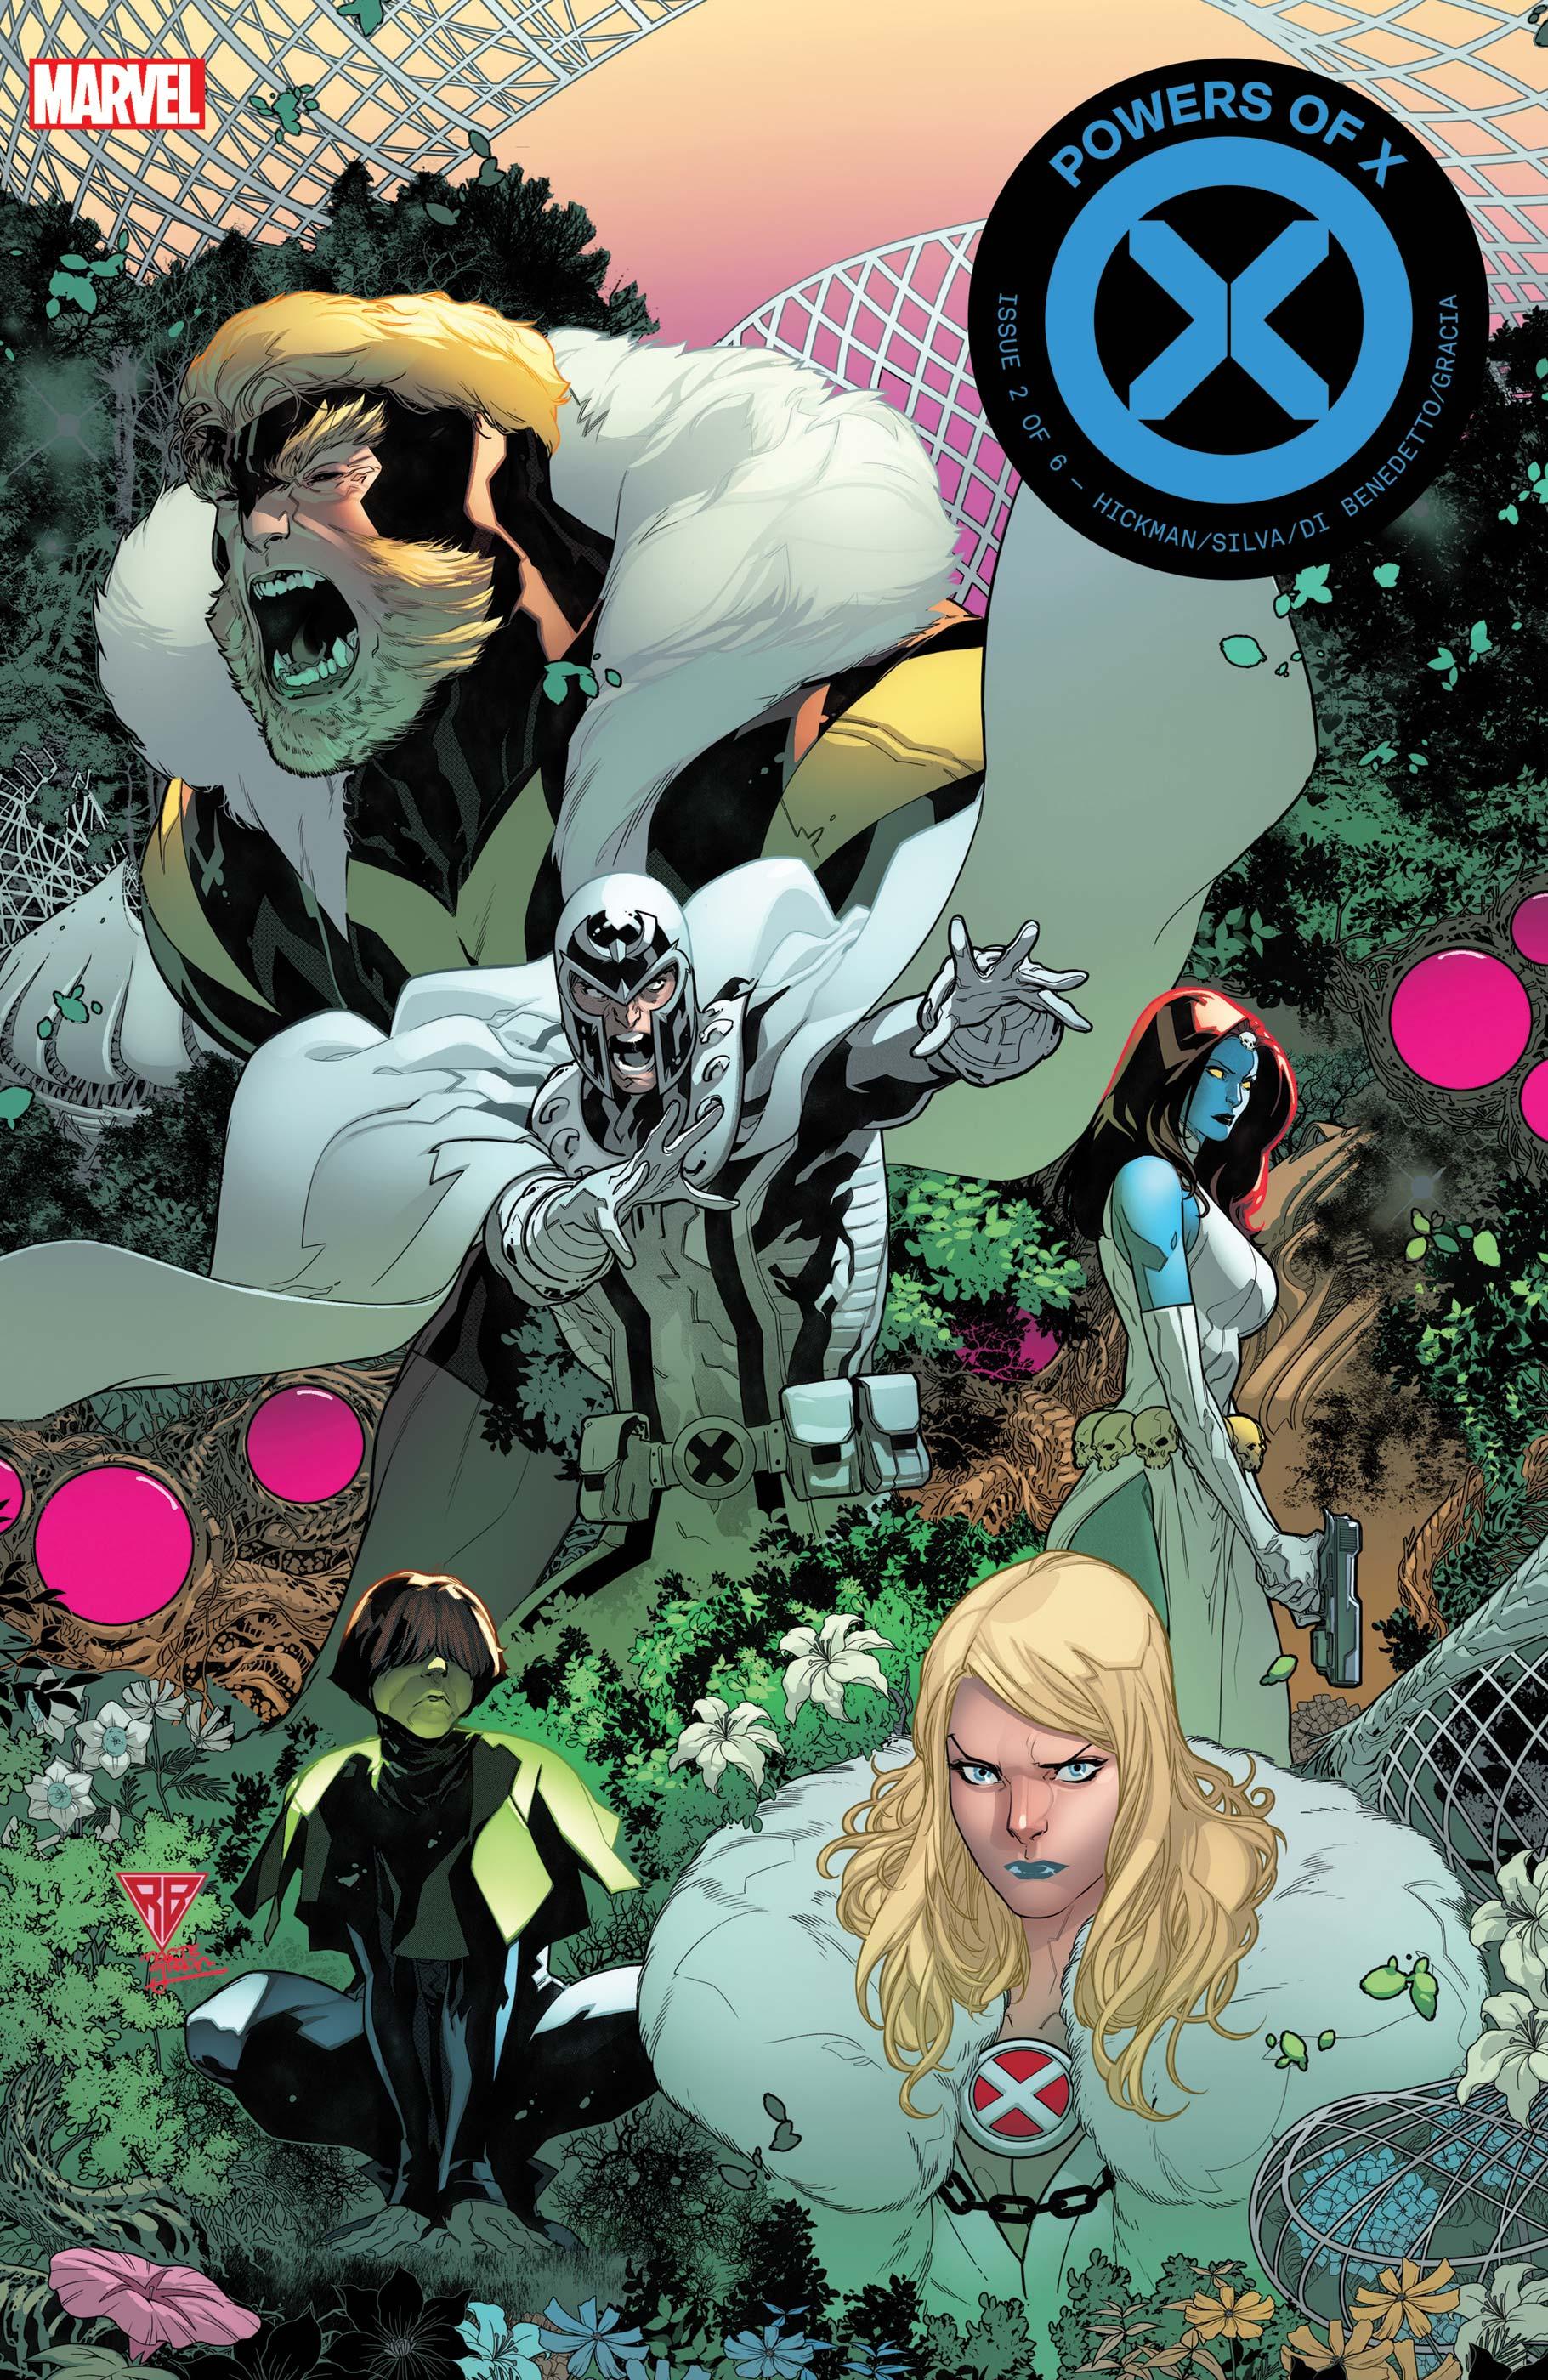 Powers of X (2019) #2